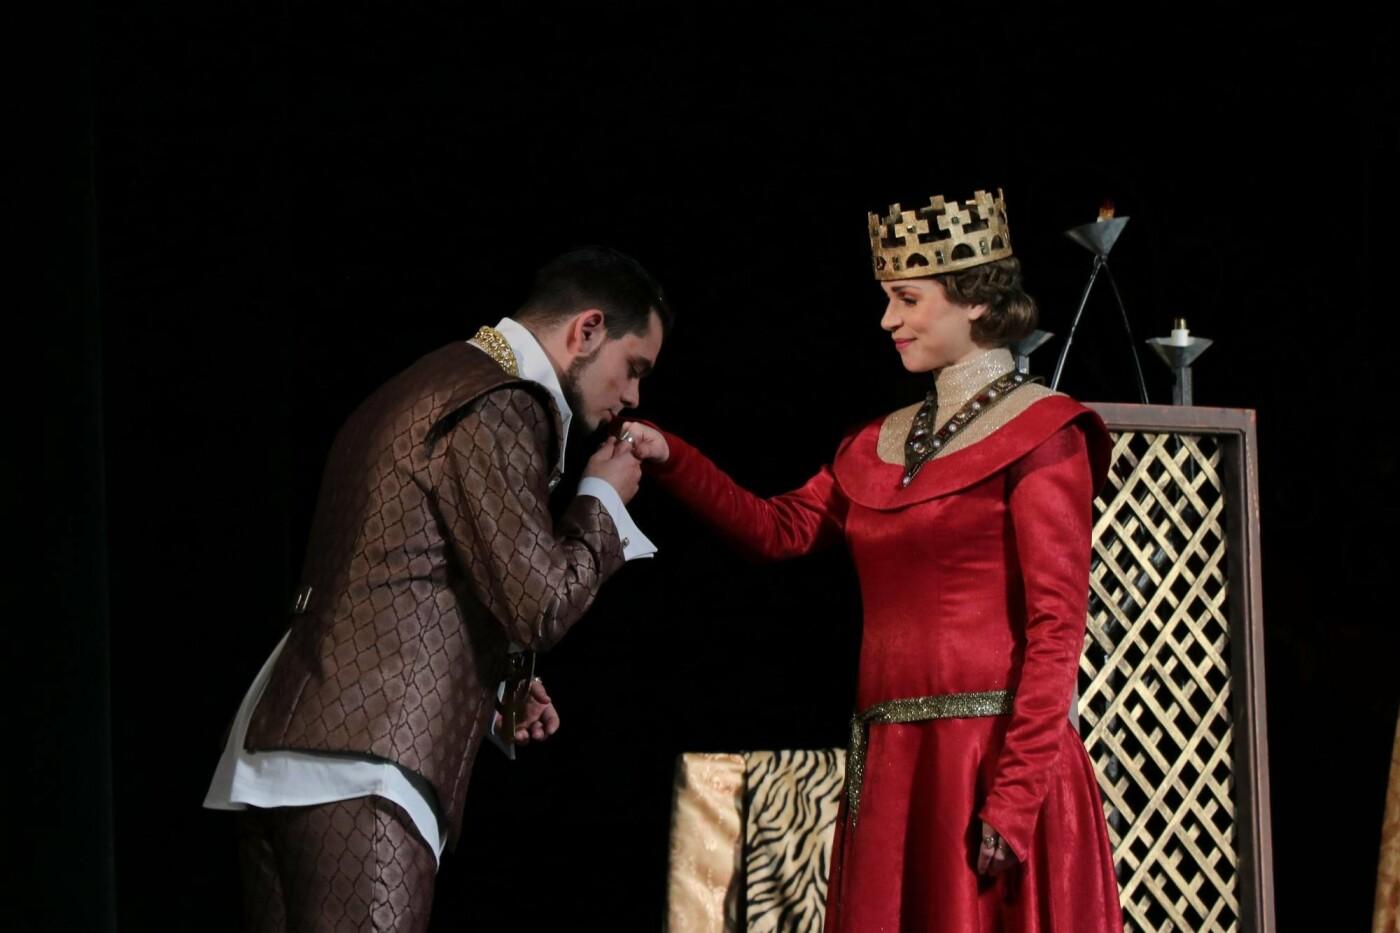 В Каменском театре показали историю любви и ненависти длиною в жизнь, фото-3